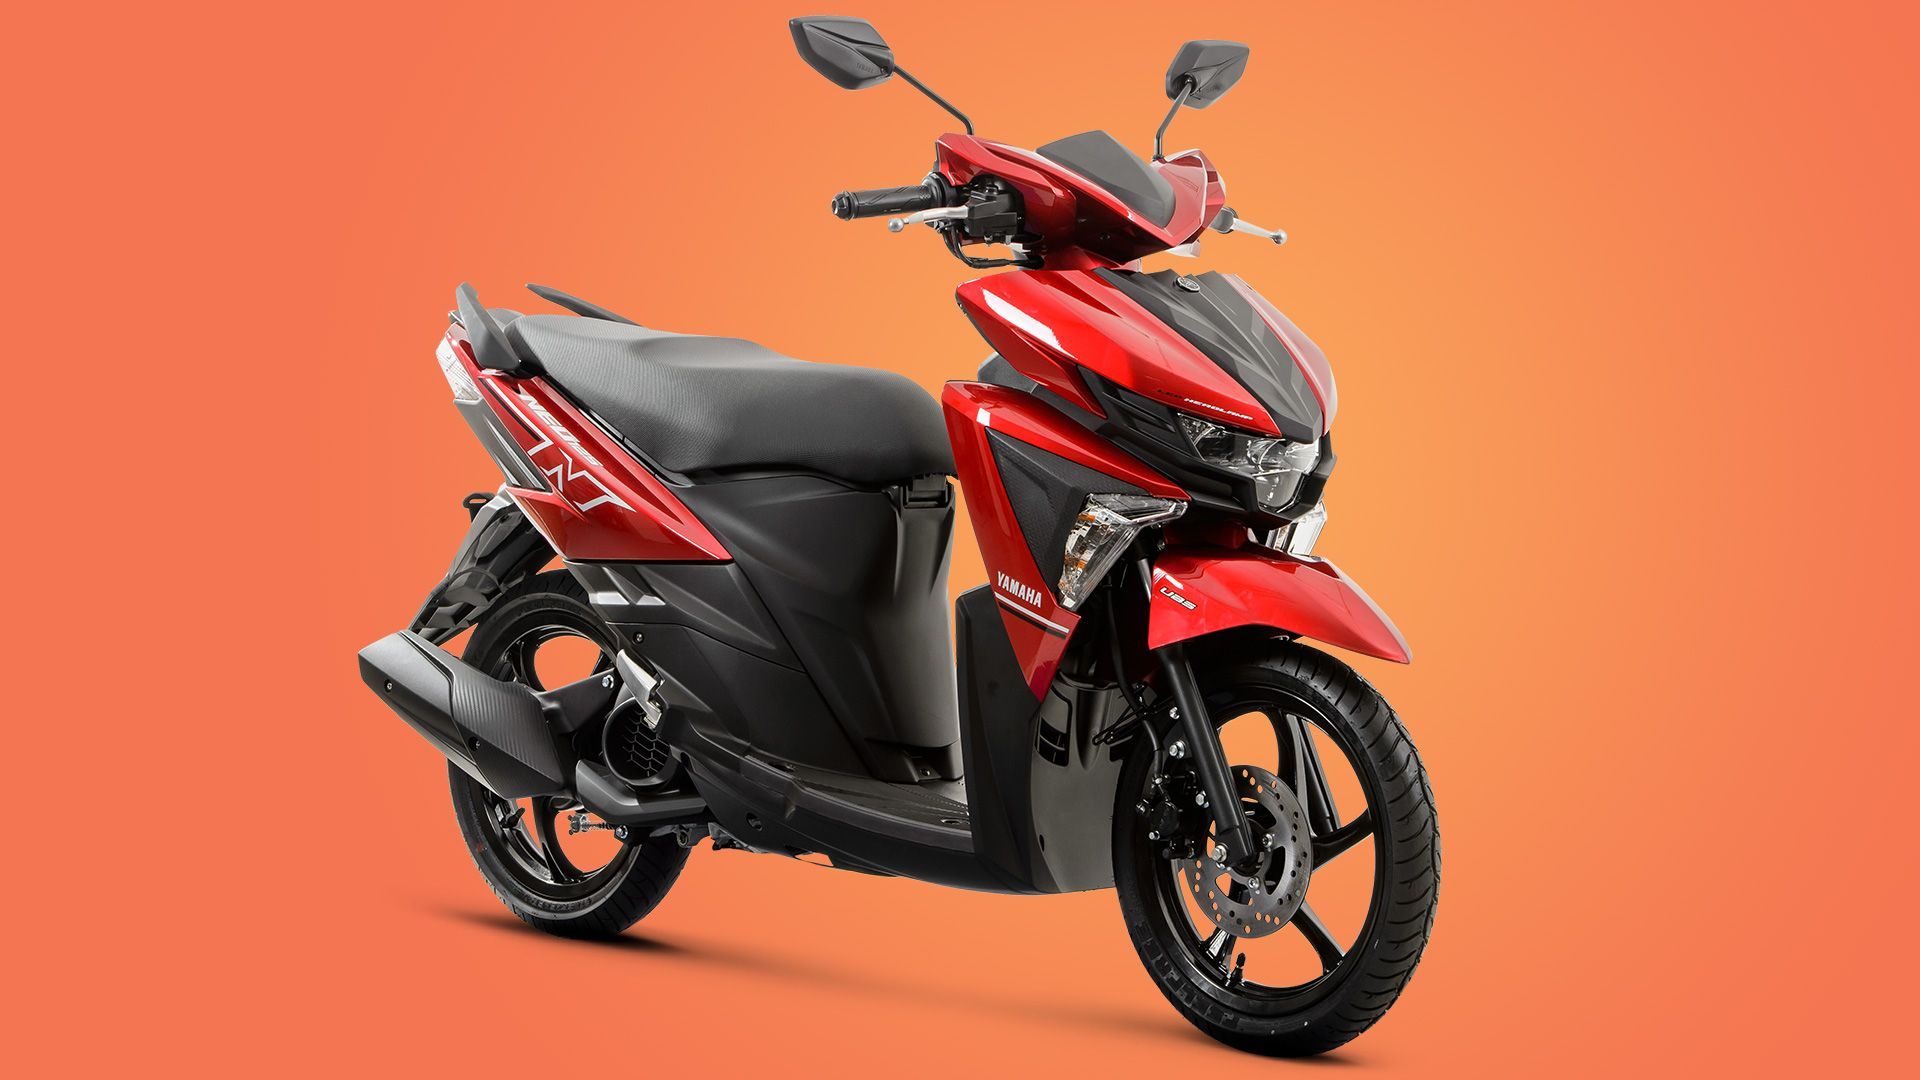 Pin oleh ChinaProduct.Top di Yamaha NEO125